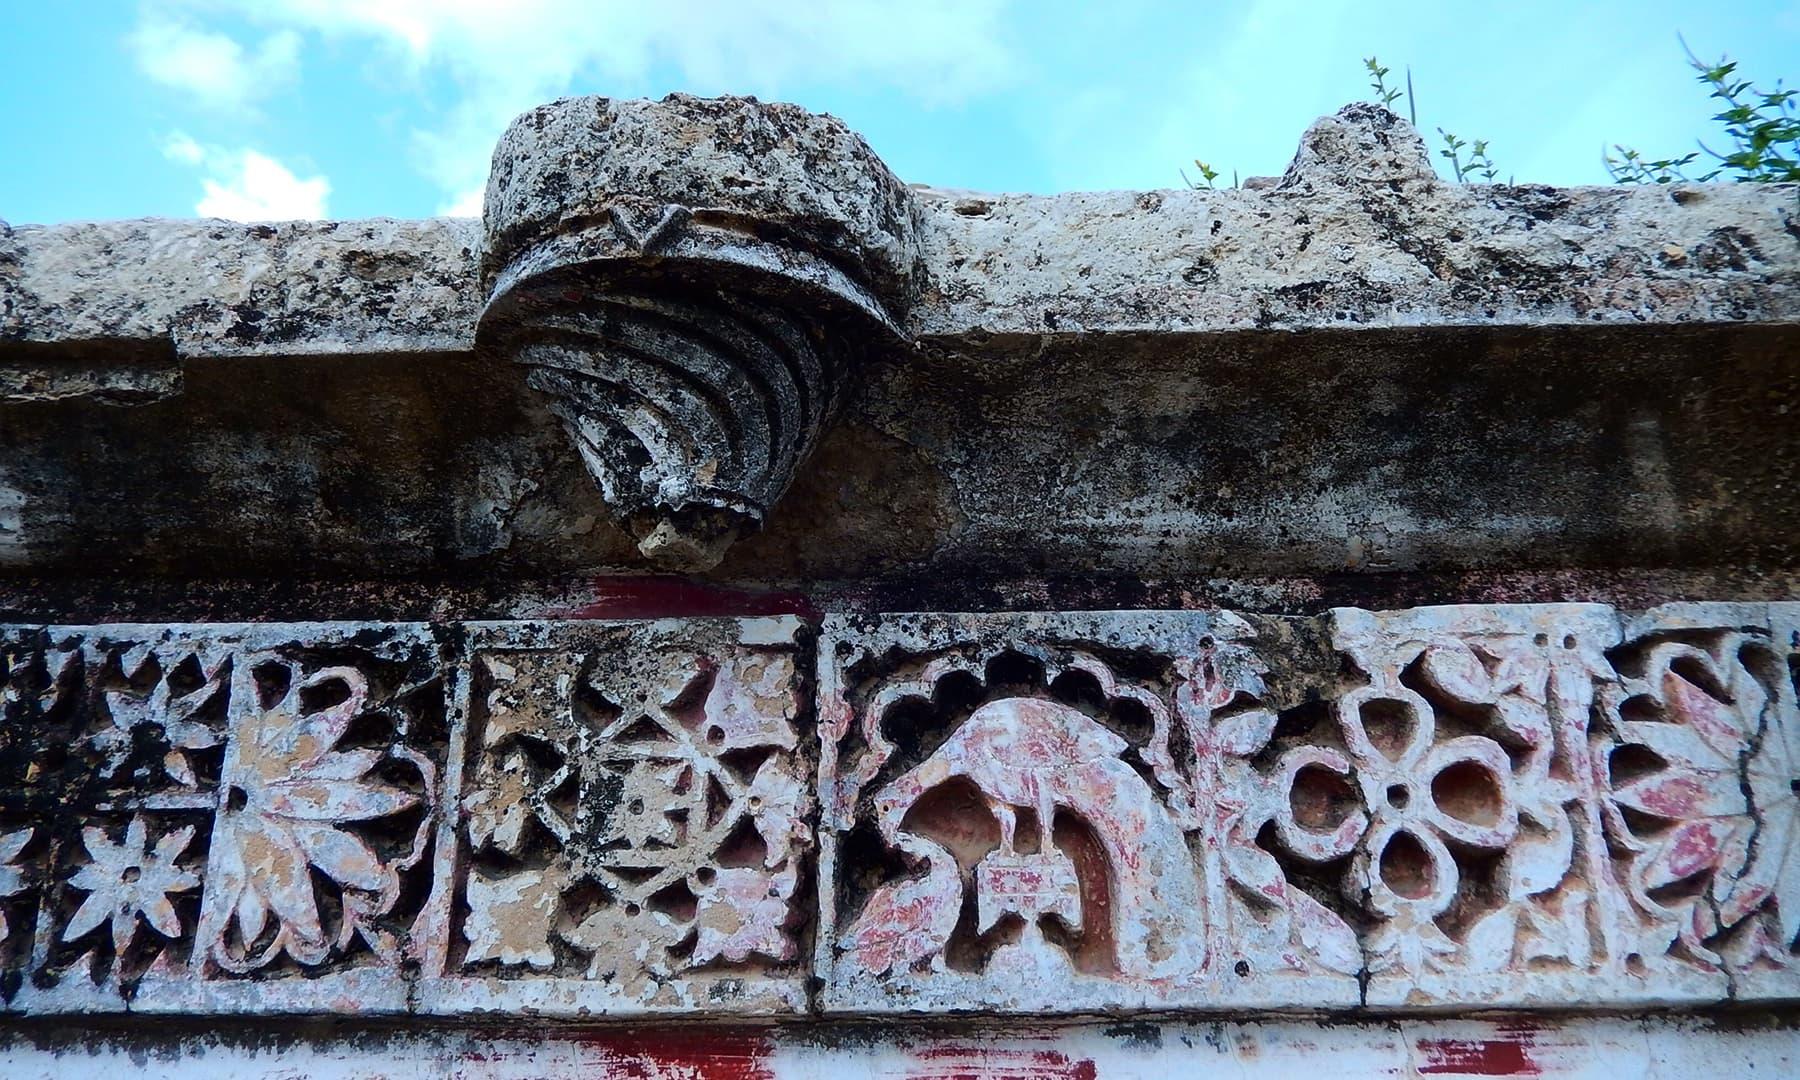 دیواروں پر پرندوں اور جانوروں کی تصویریں بنائی گئی ہیں۔